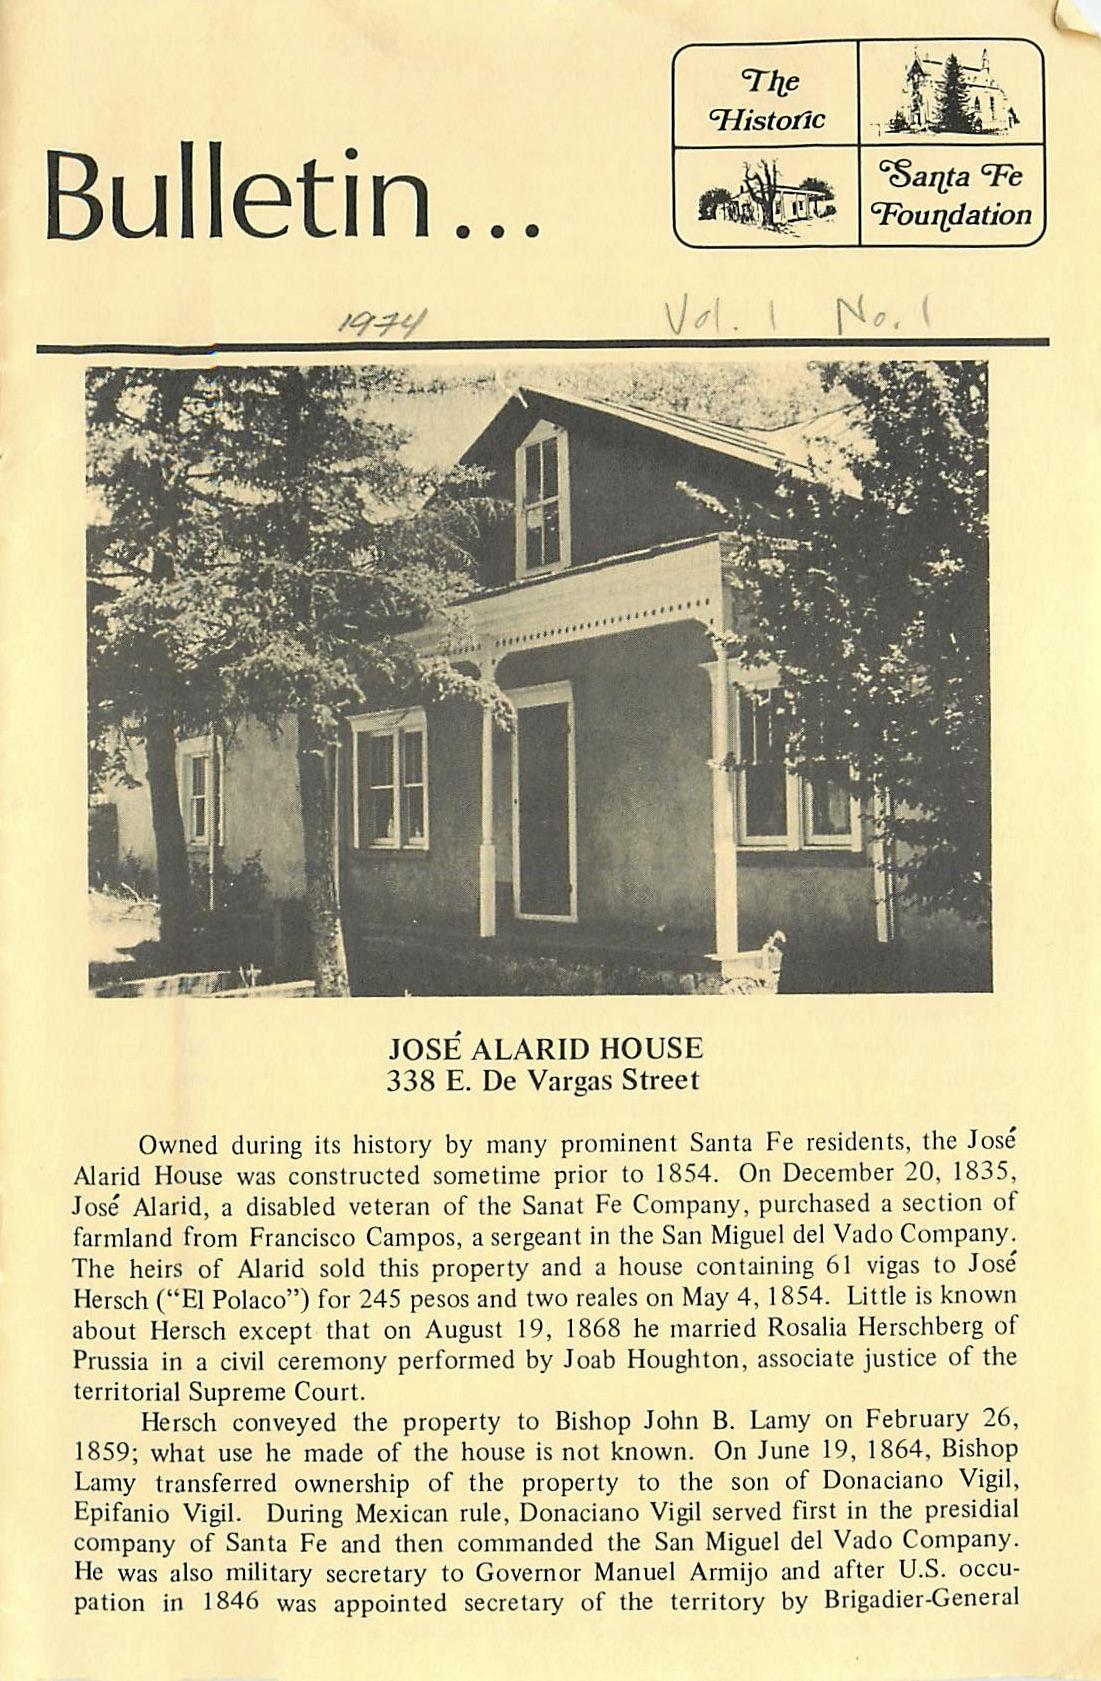 1974 HSFF Bulletin Vol.1 No.1 Cover